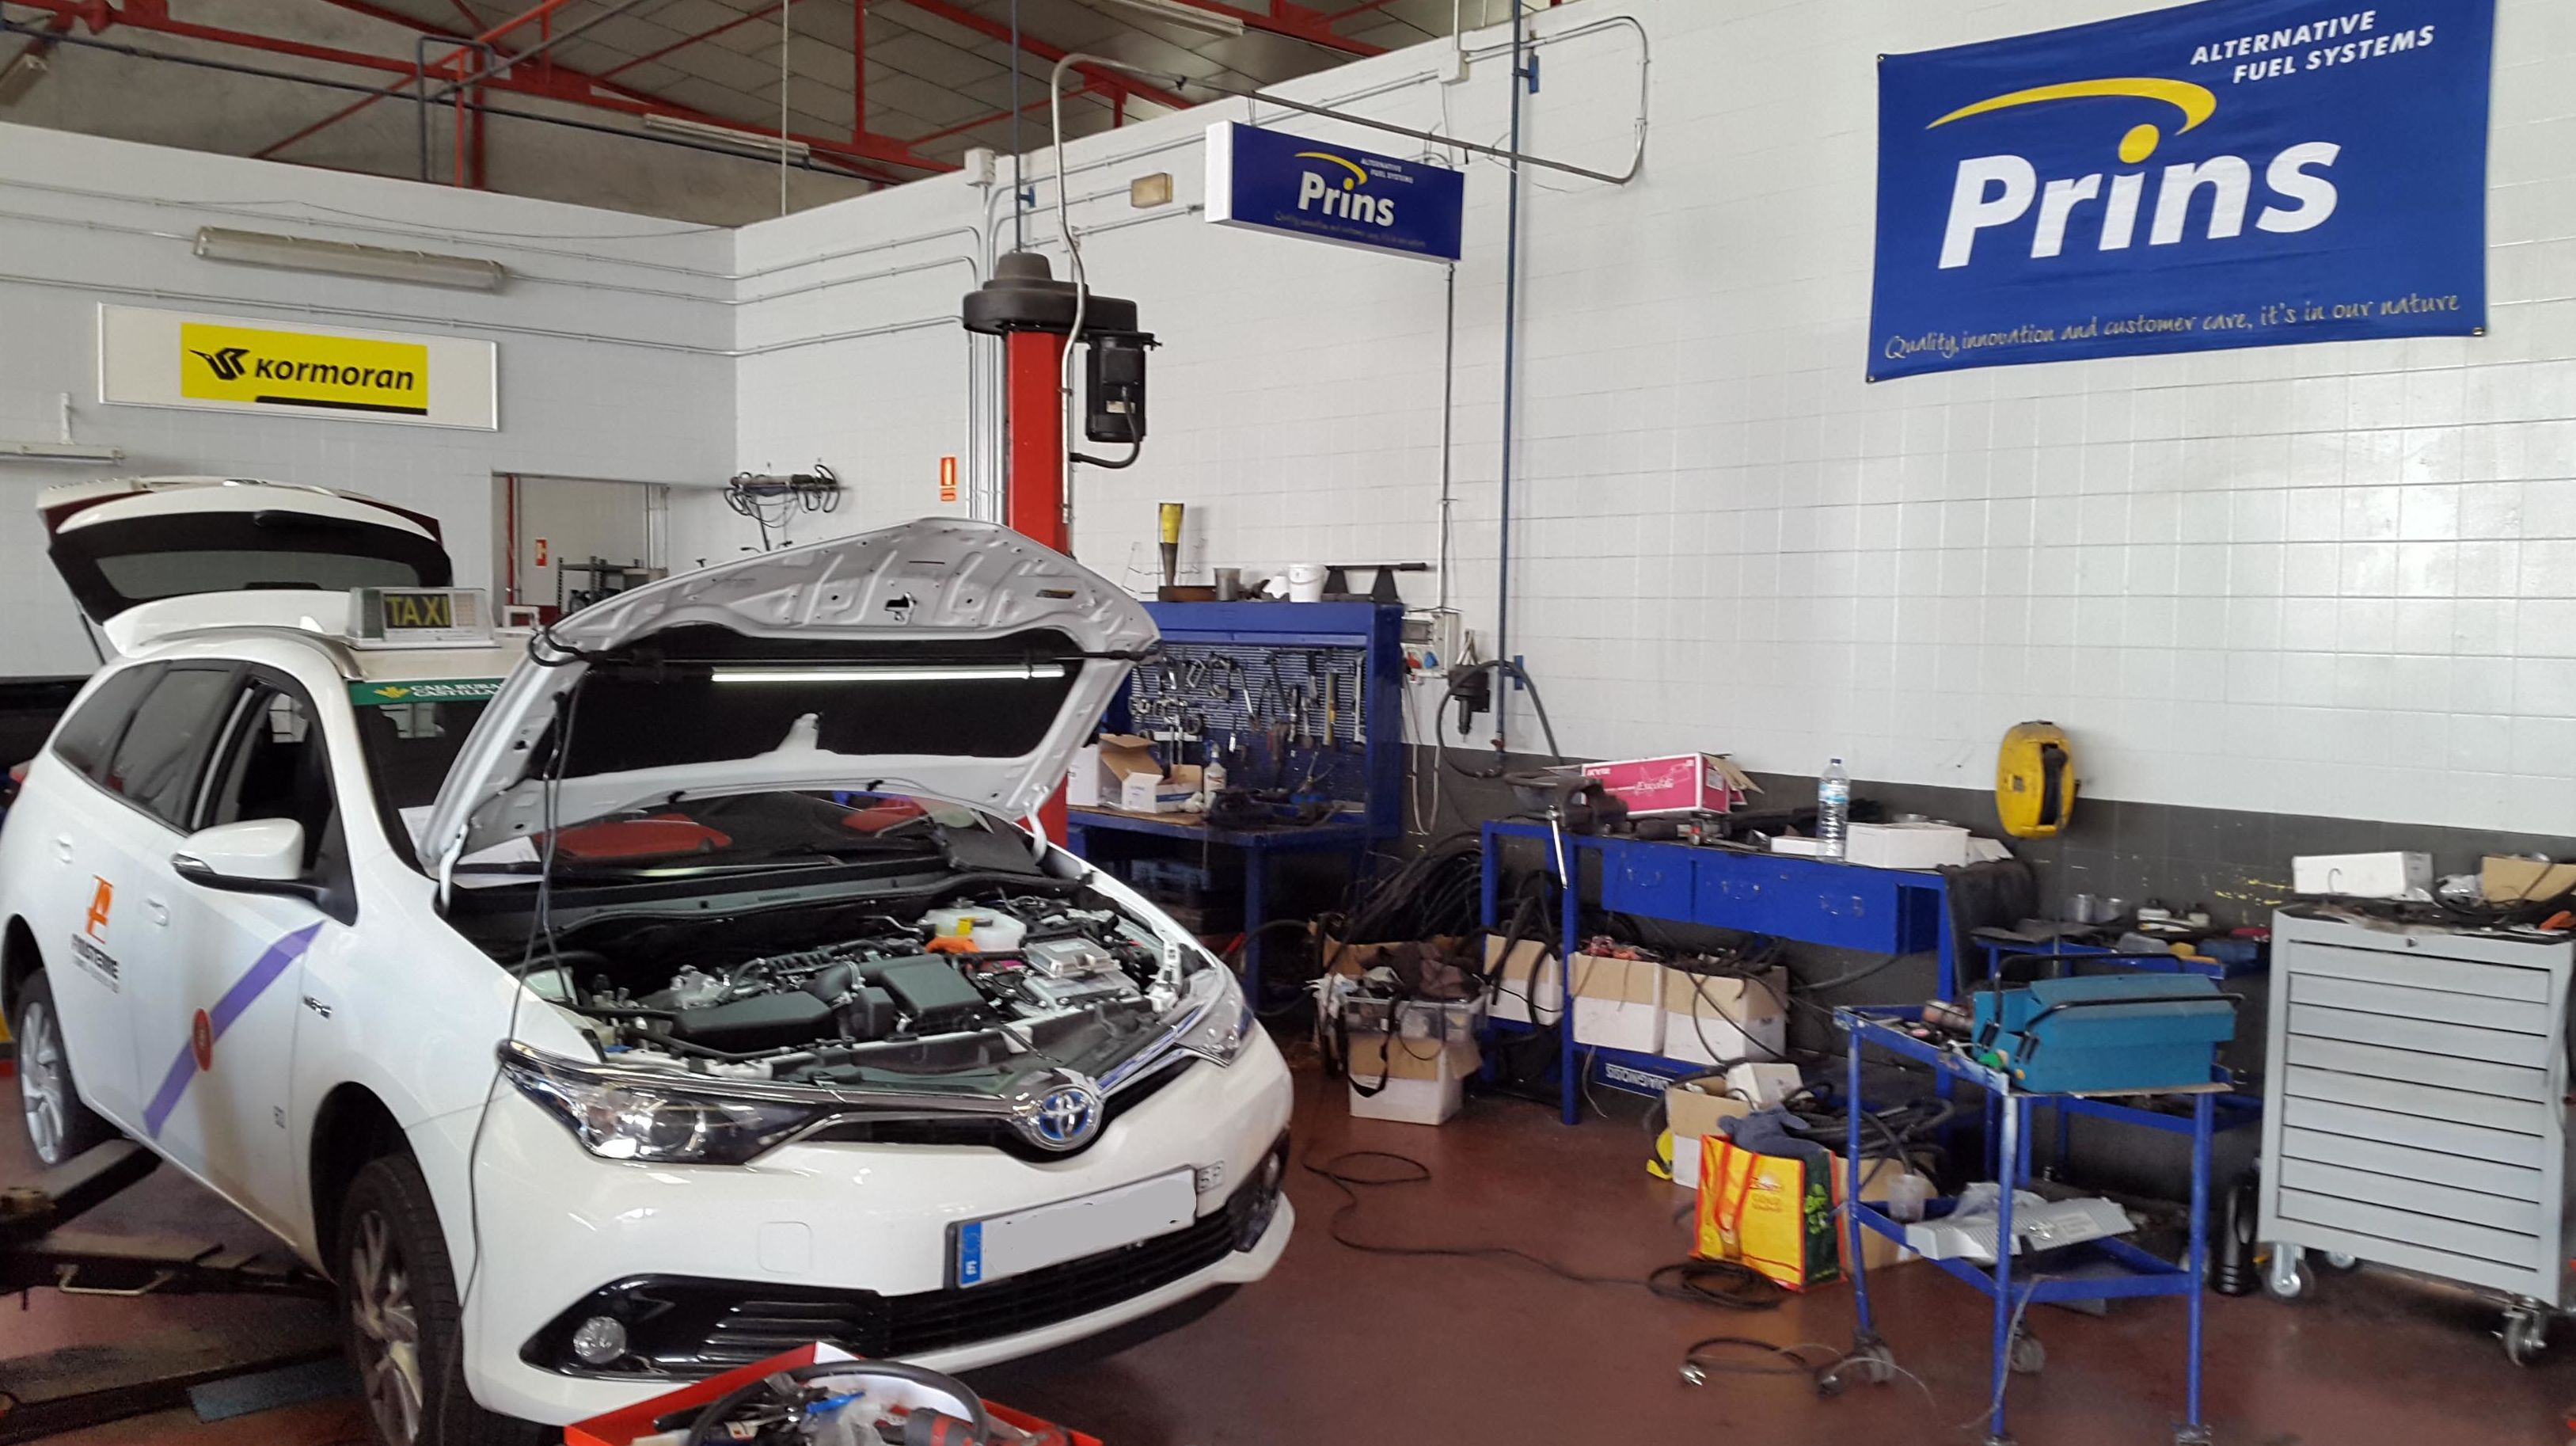 Toyota Auris hibrido con glp